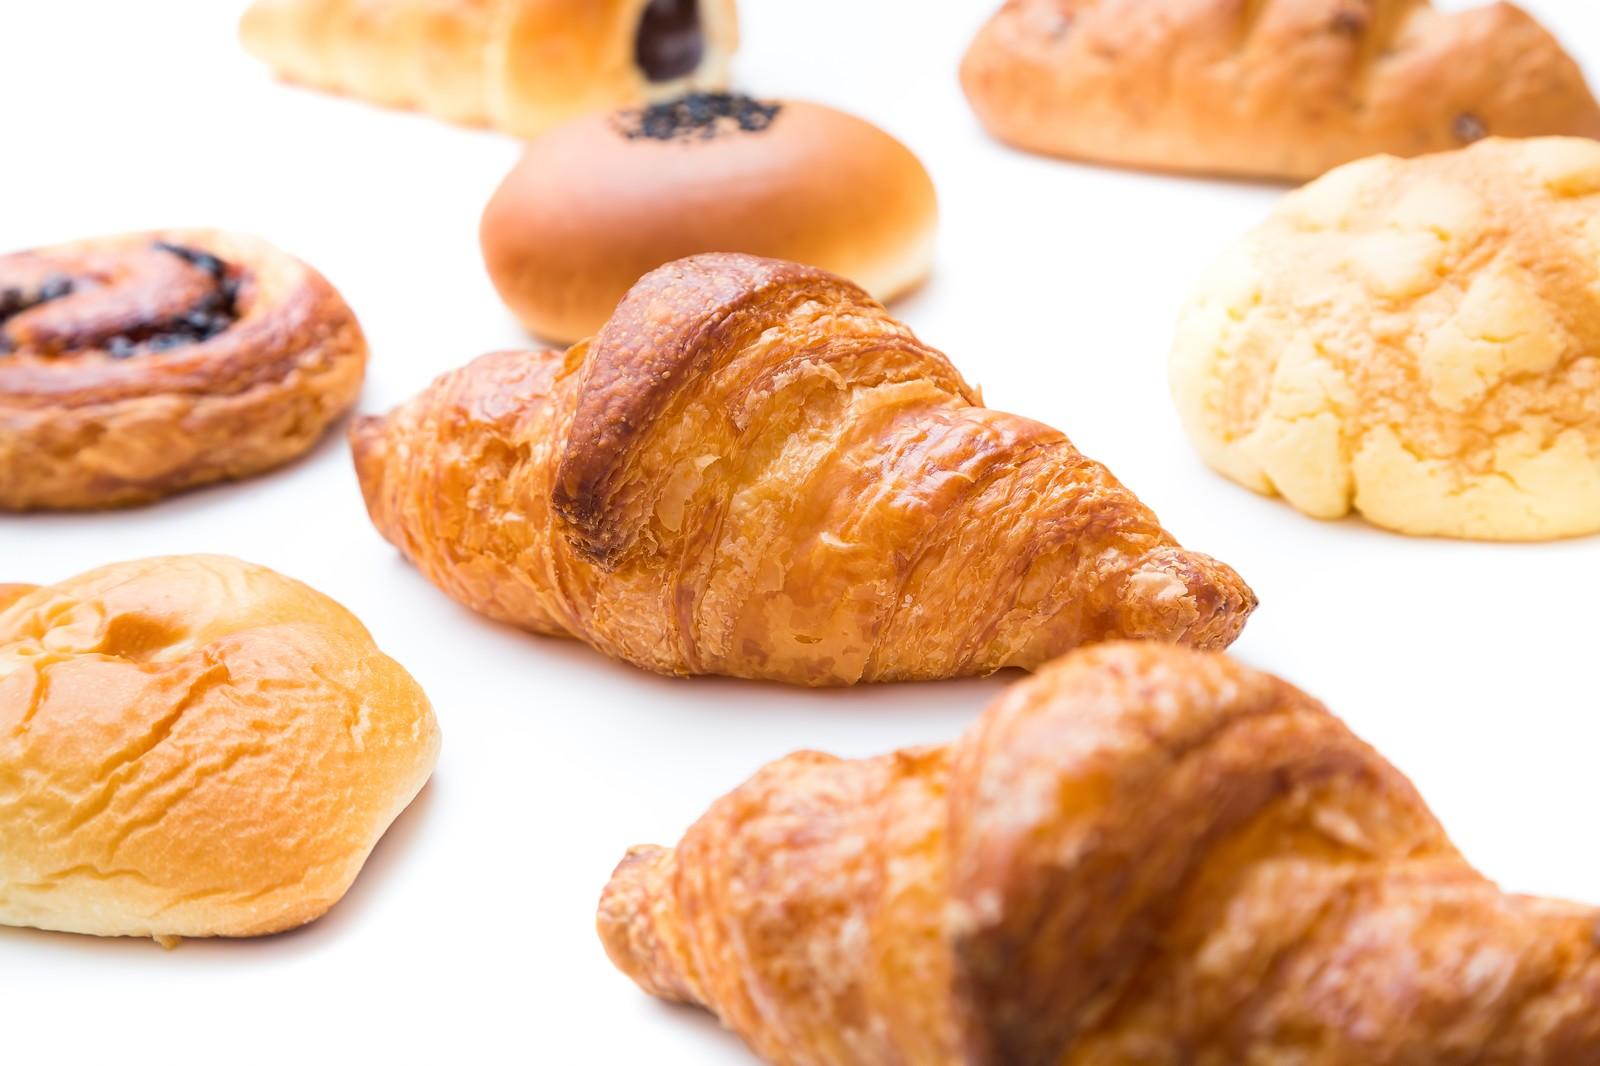 六本木のパン屋さんで美味しいのは?有名店やおすすめの人気店を厳選!